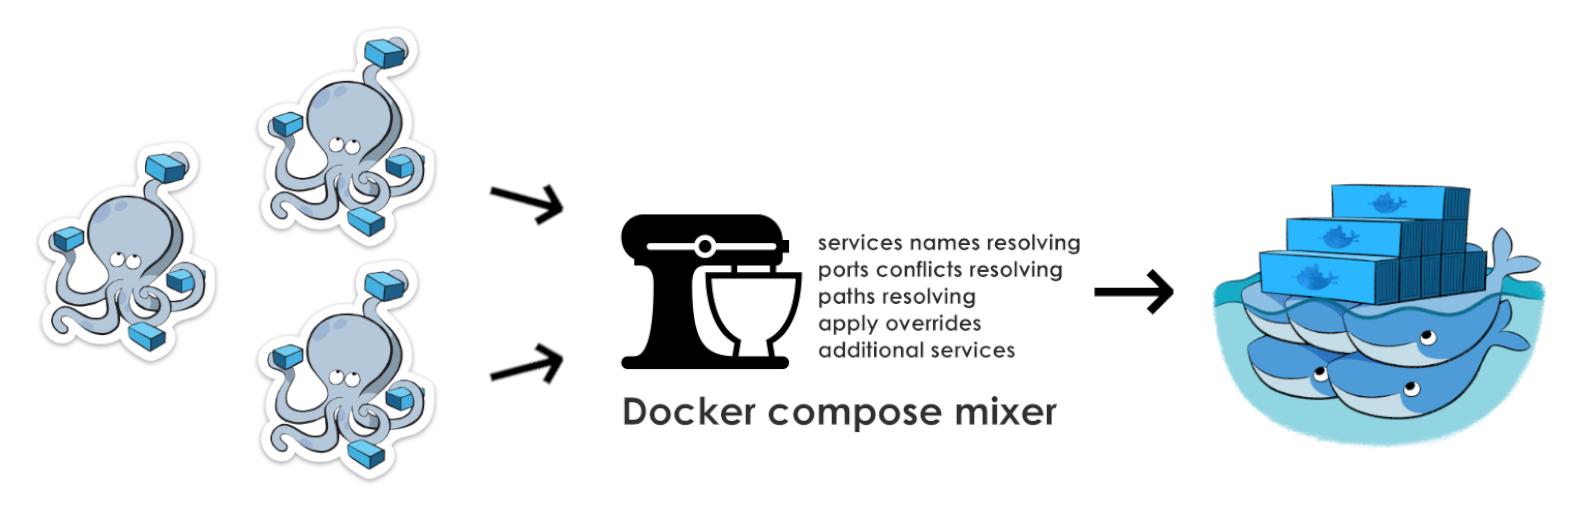 Docker compose и объединение проектов с помощью mixer-a